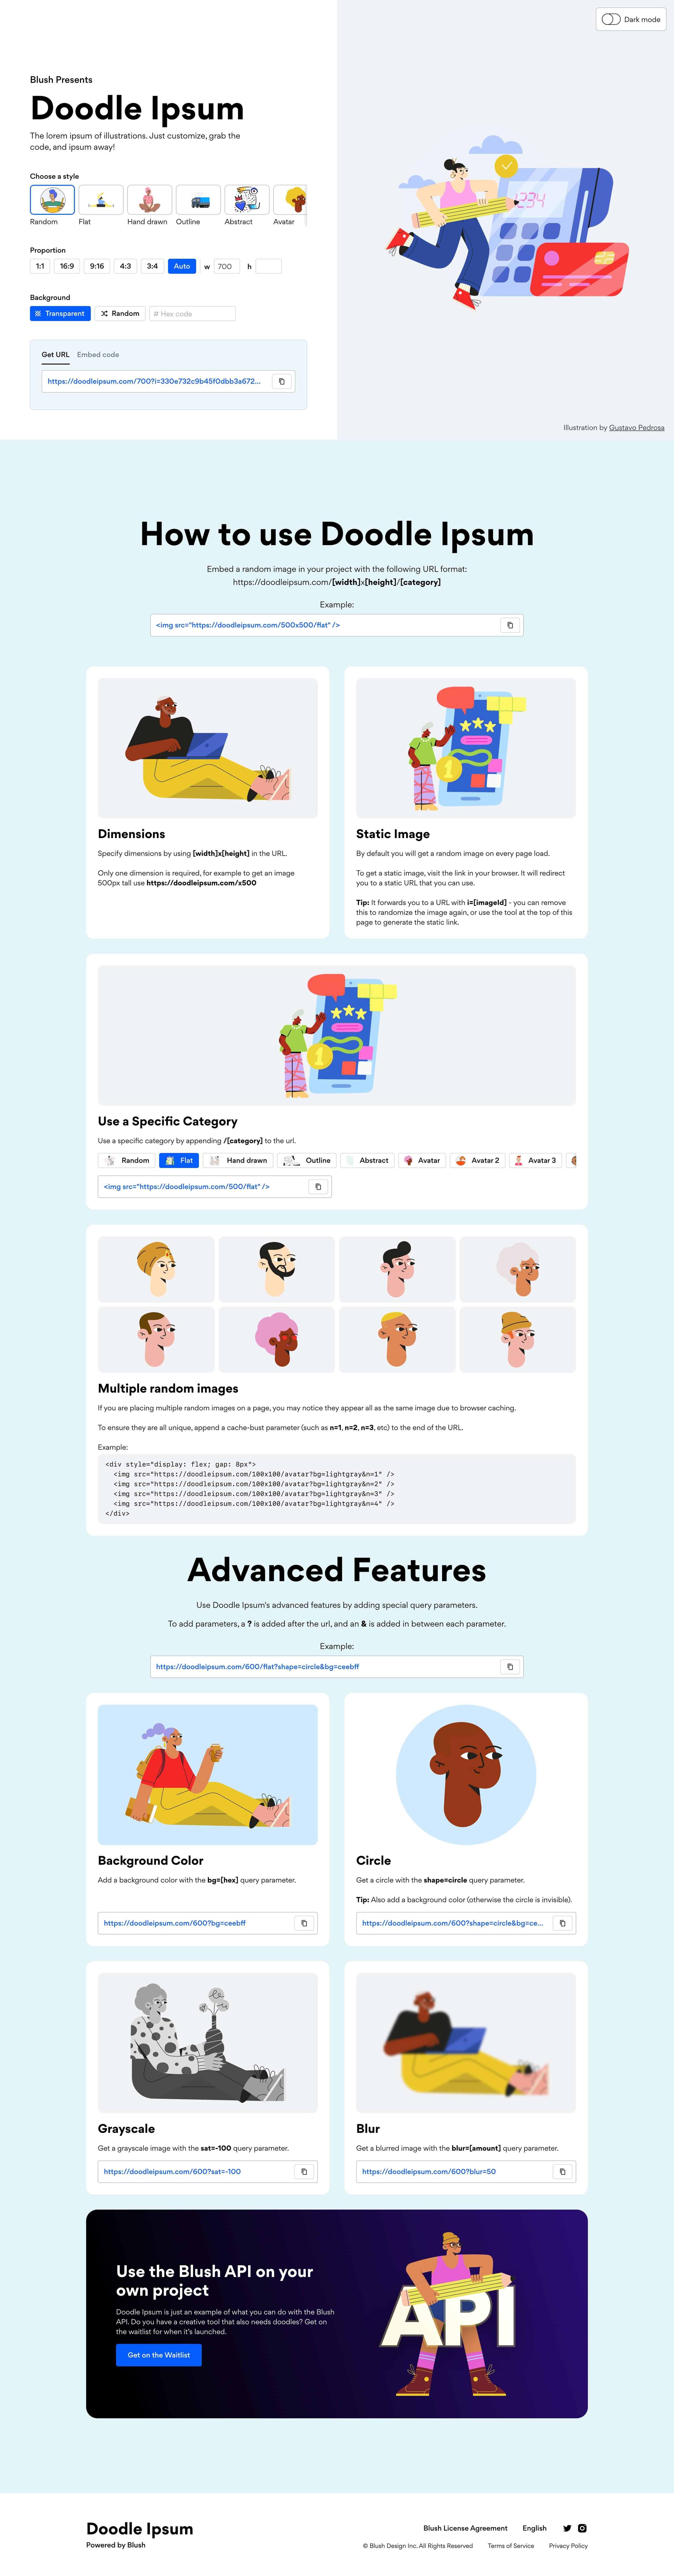 Doodle Ipsum Website Screenshot